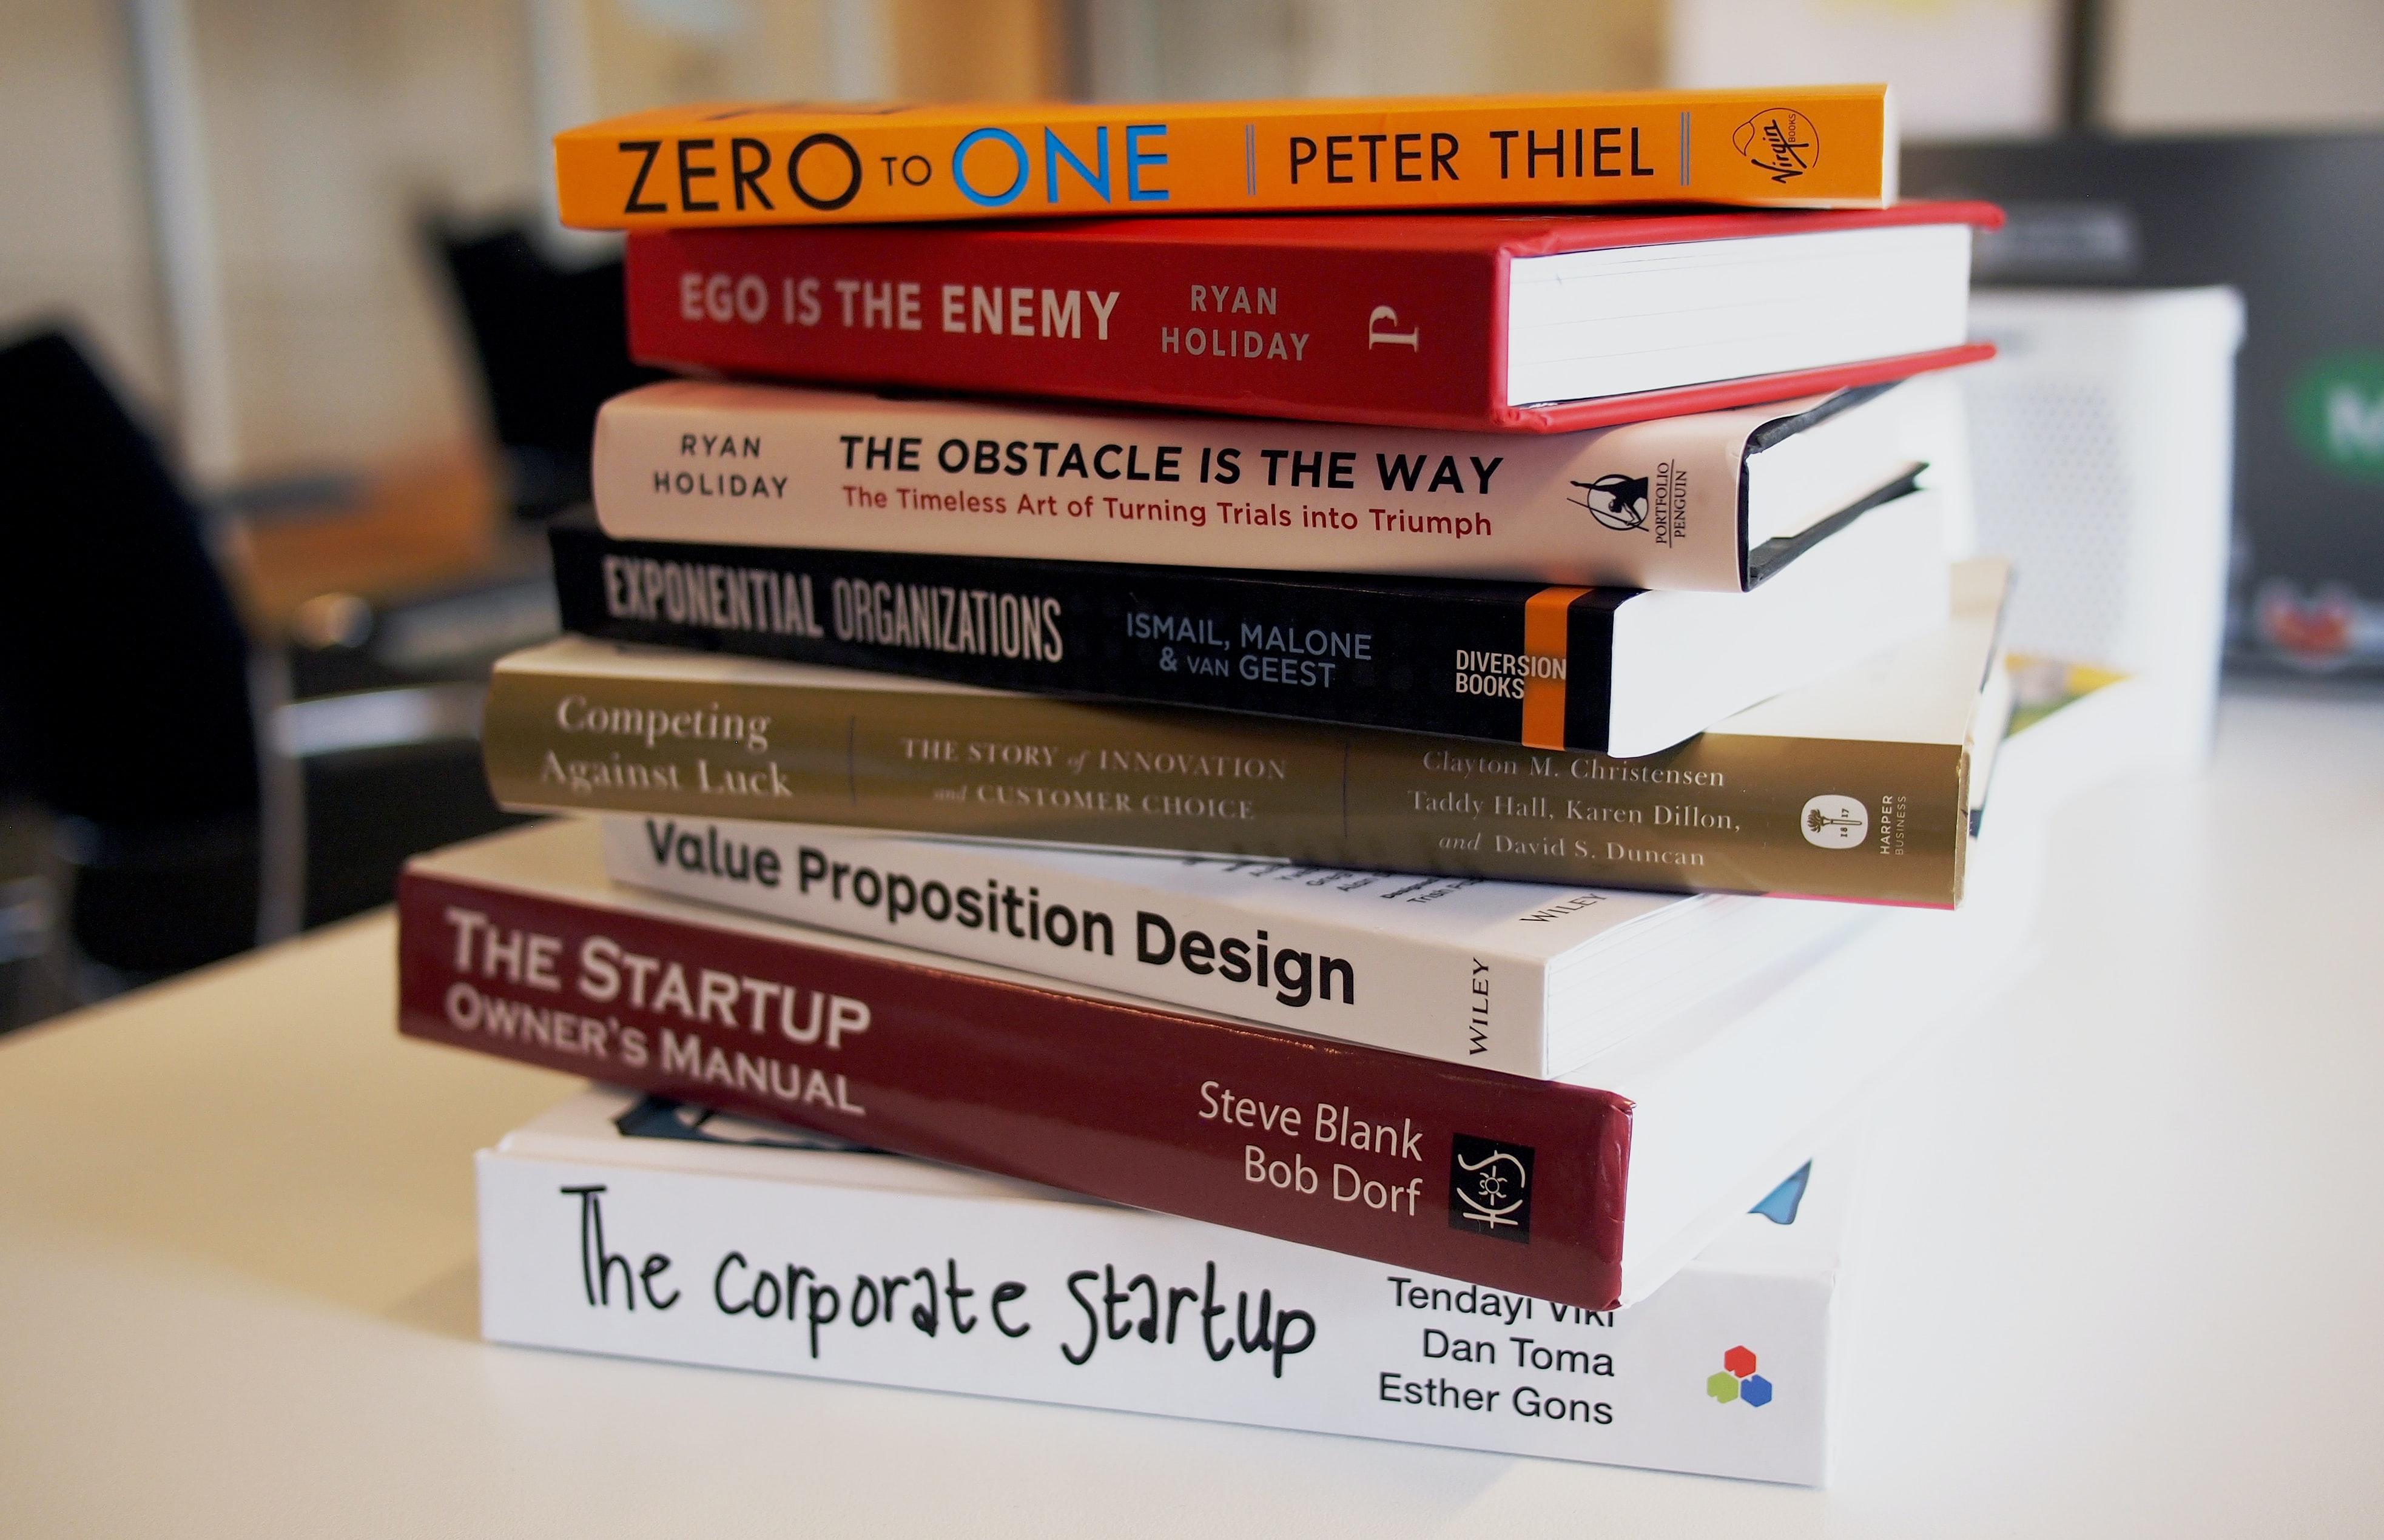 Les secrets des startups pour innover plus avec moins - Partie 1